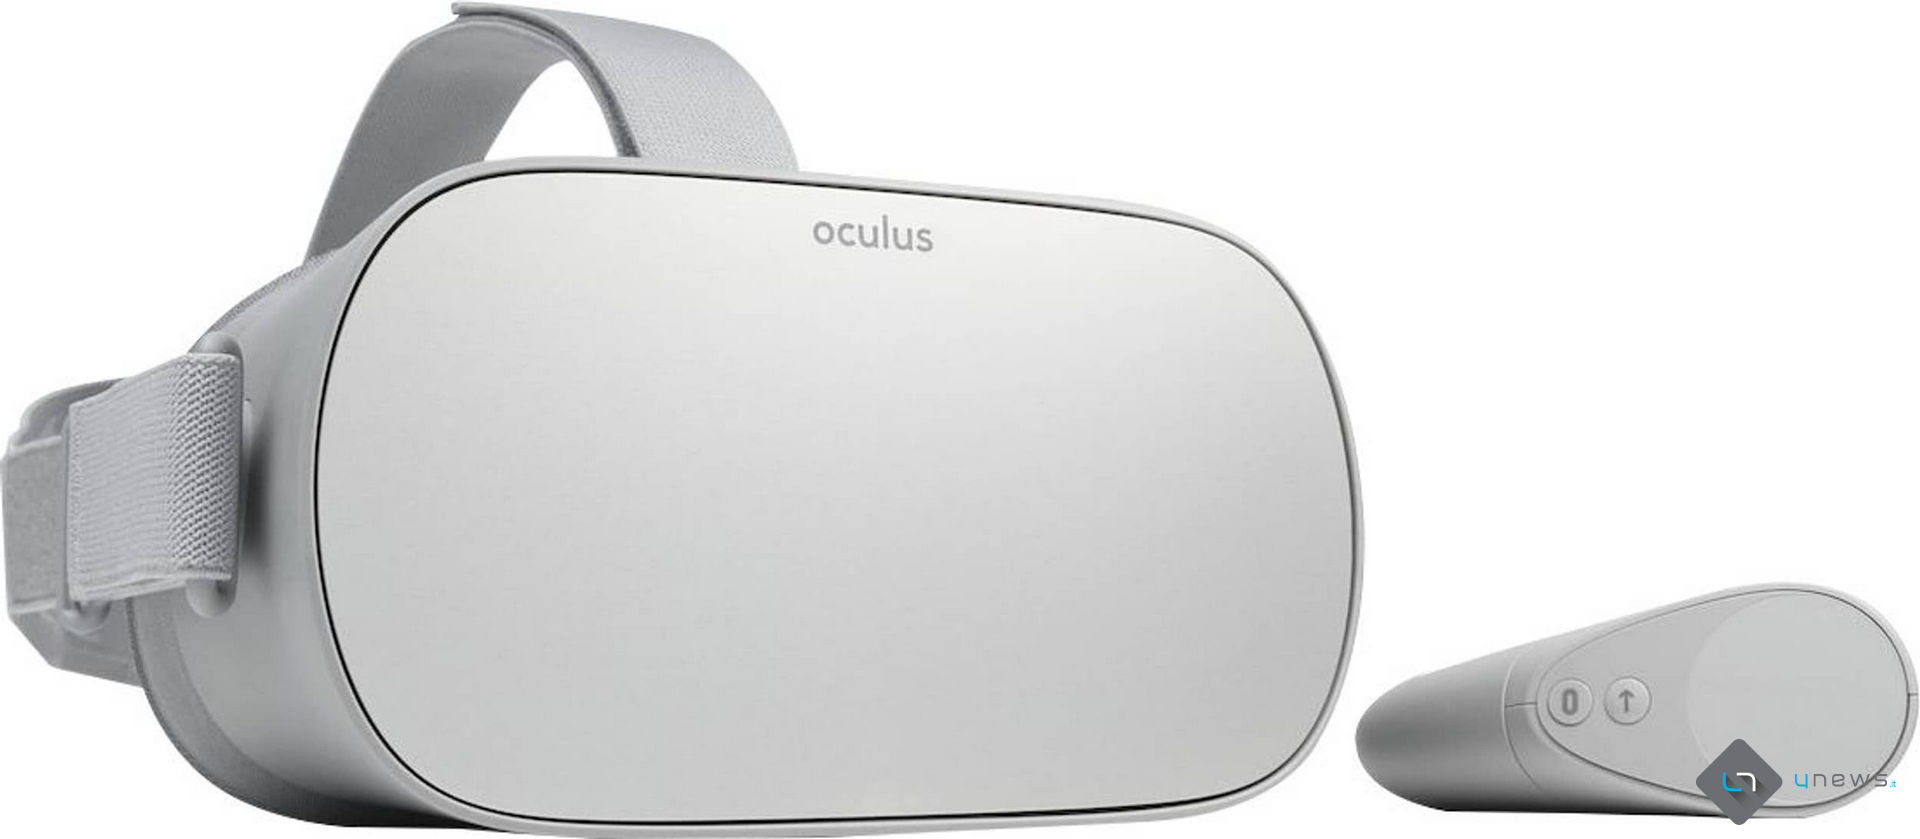 Oculus Go - Guida per principianti alla VR - Parte II - Il miglior visore VR